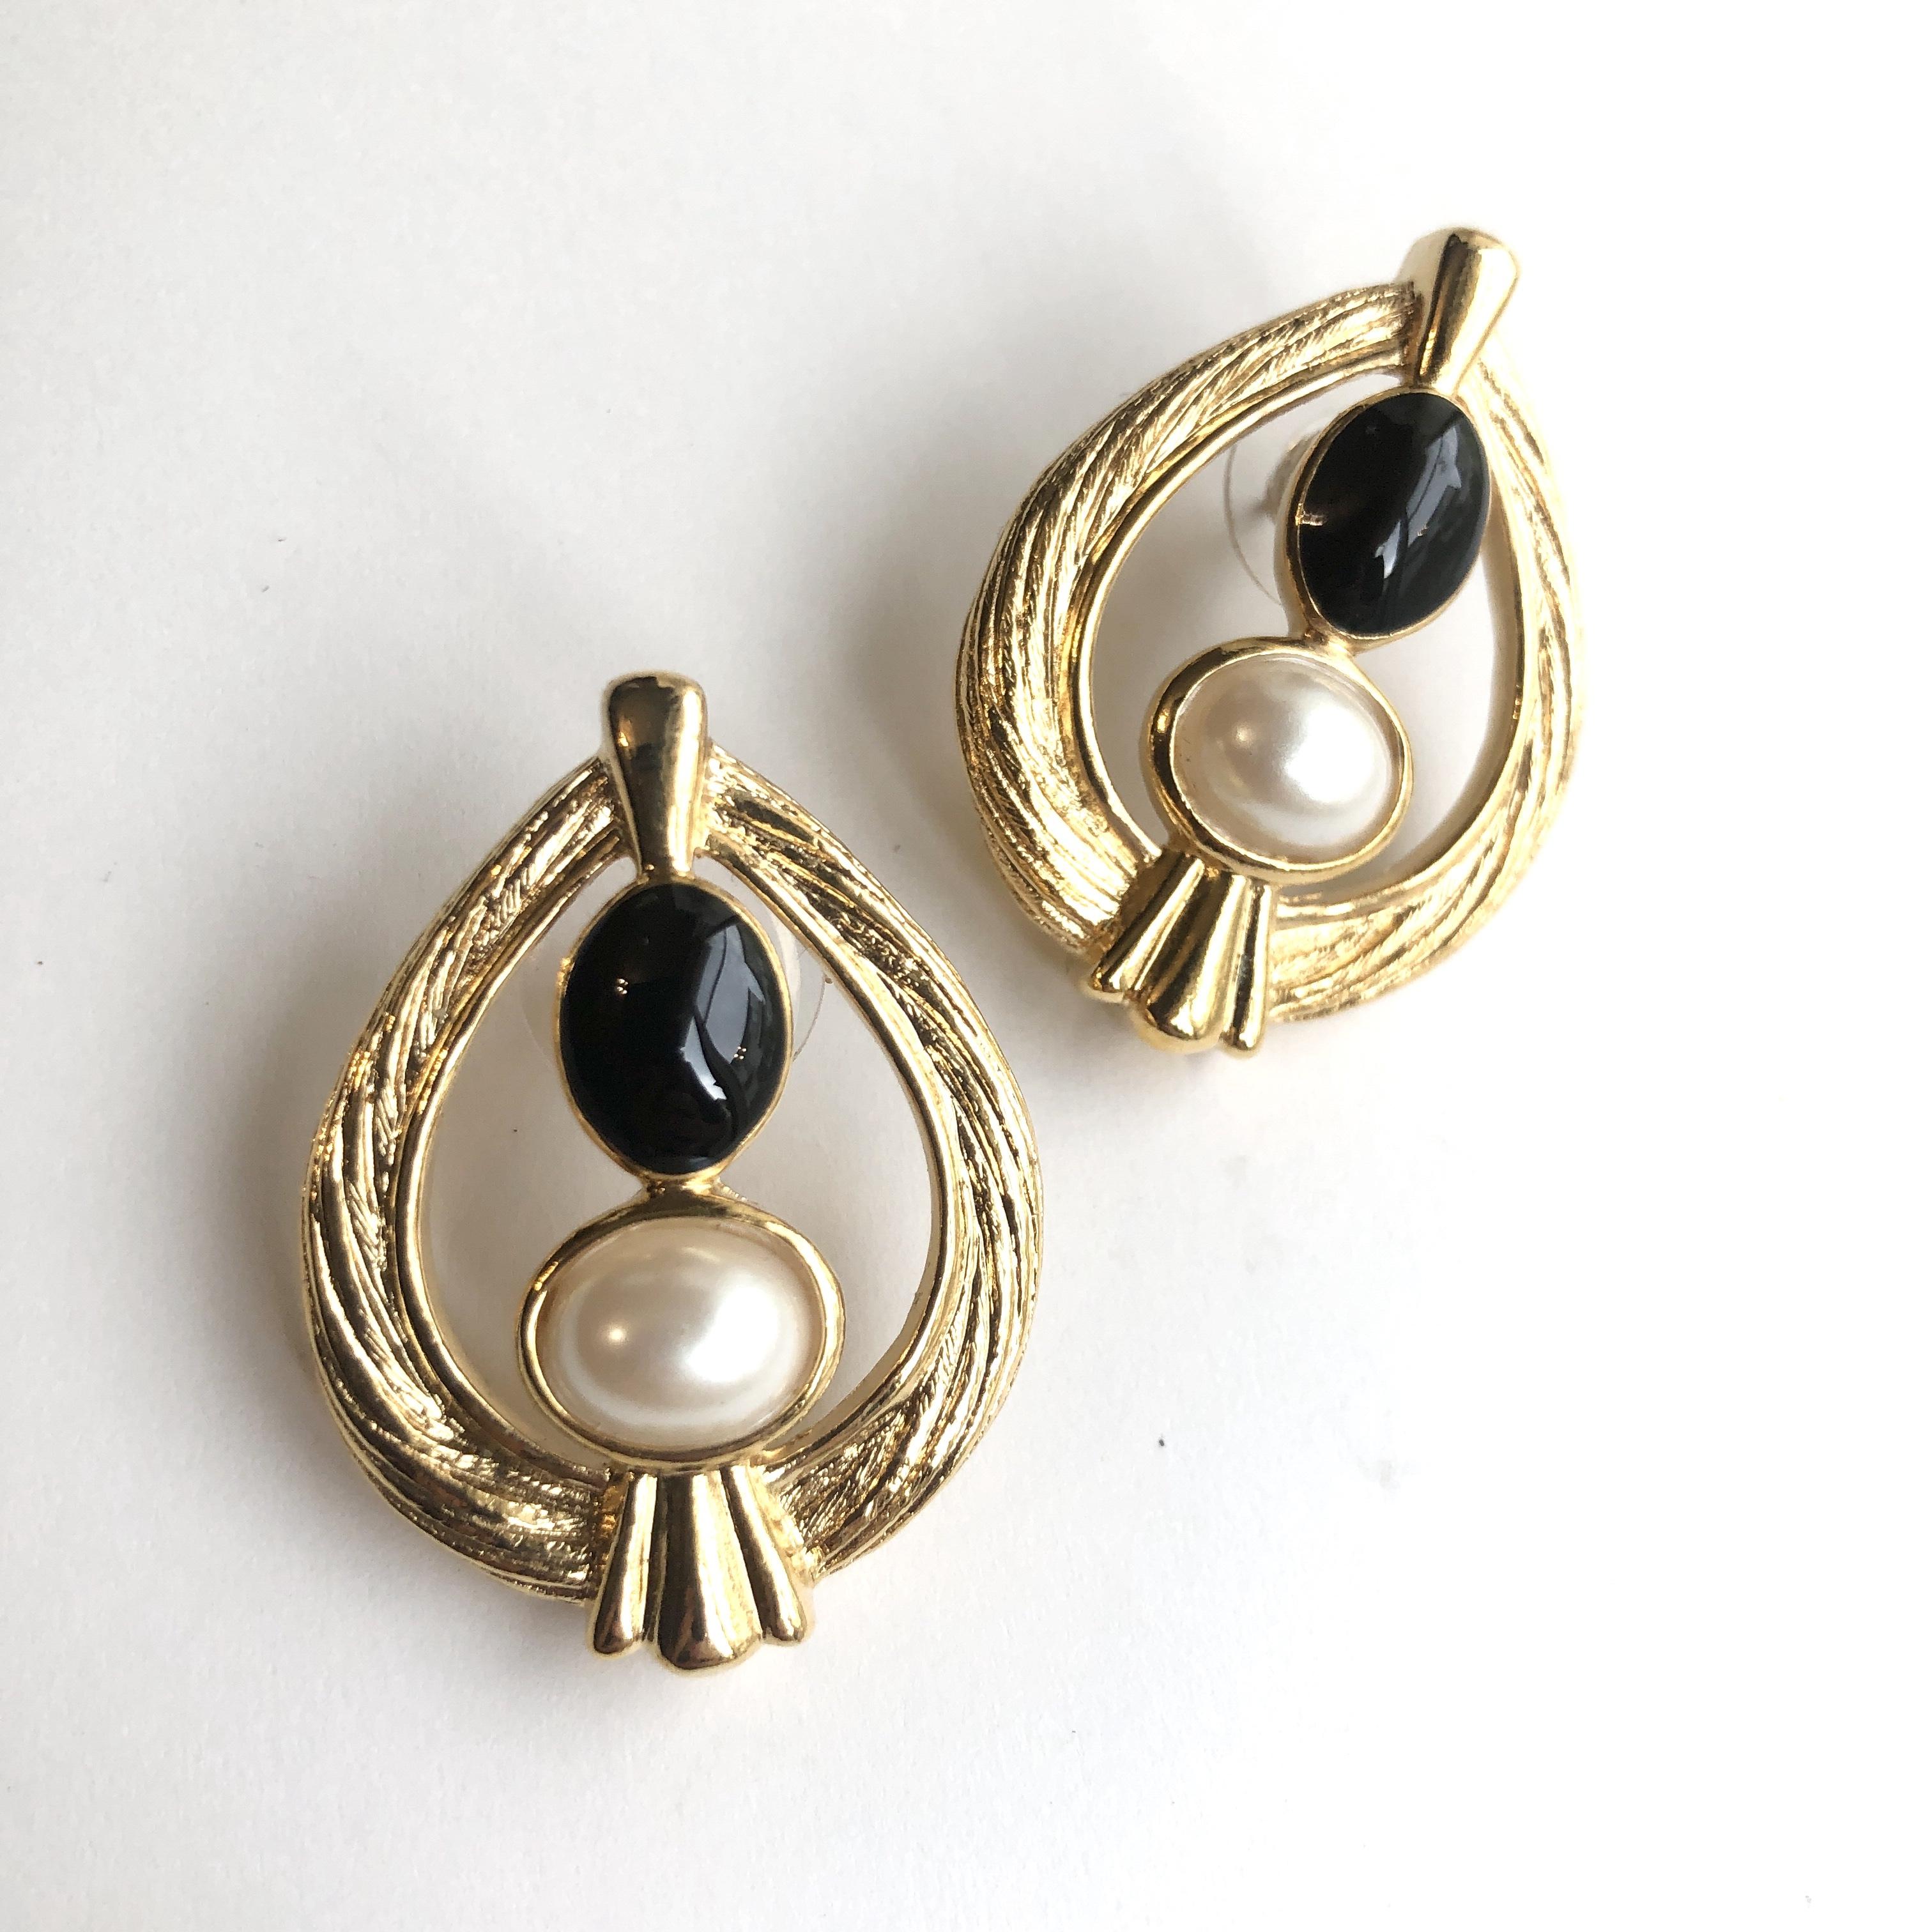 AVON Vintage pierced earrings X-025